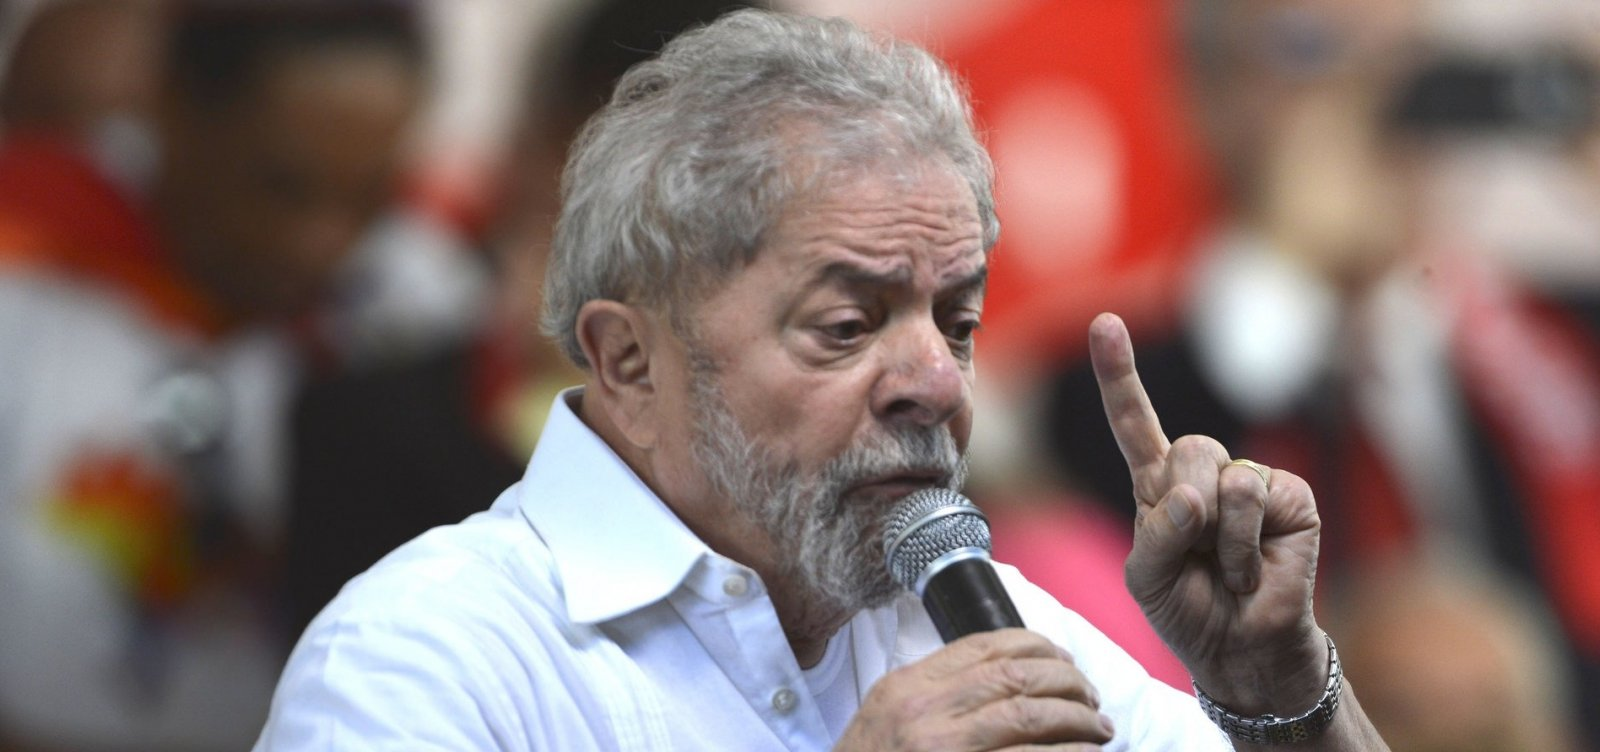 [Juíza nega a Lula novo depoimento no caso do terreno do Instituto]